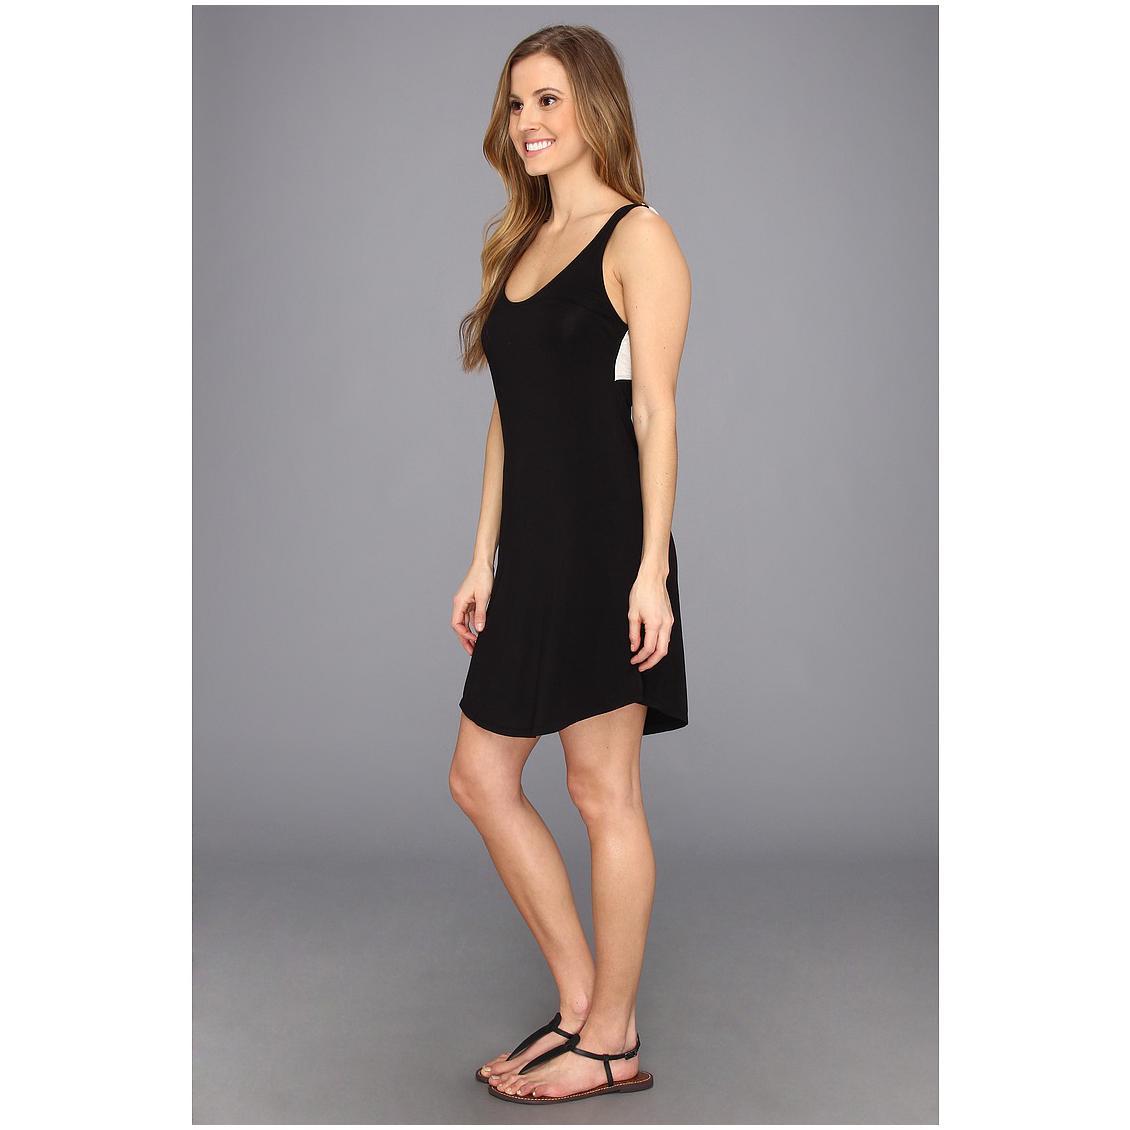 model boyish dress pendek tanpa lengan hitam simpel